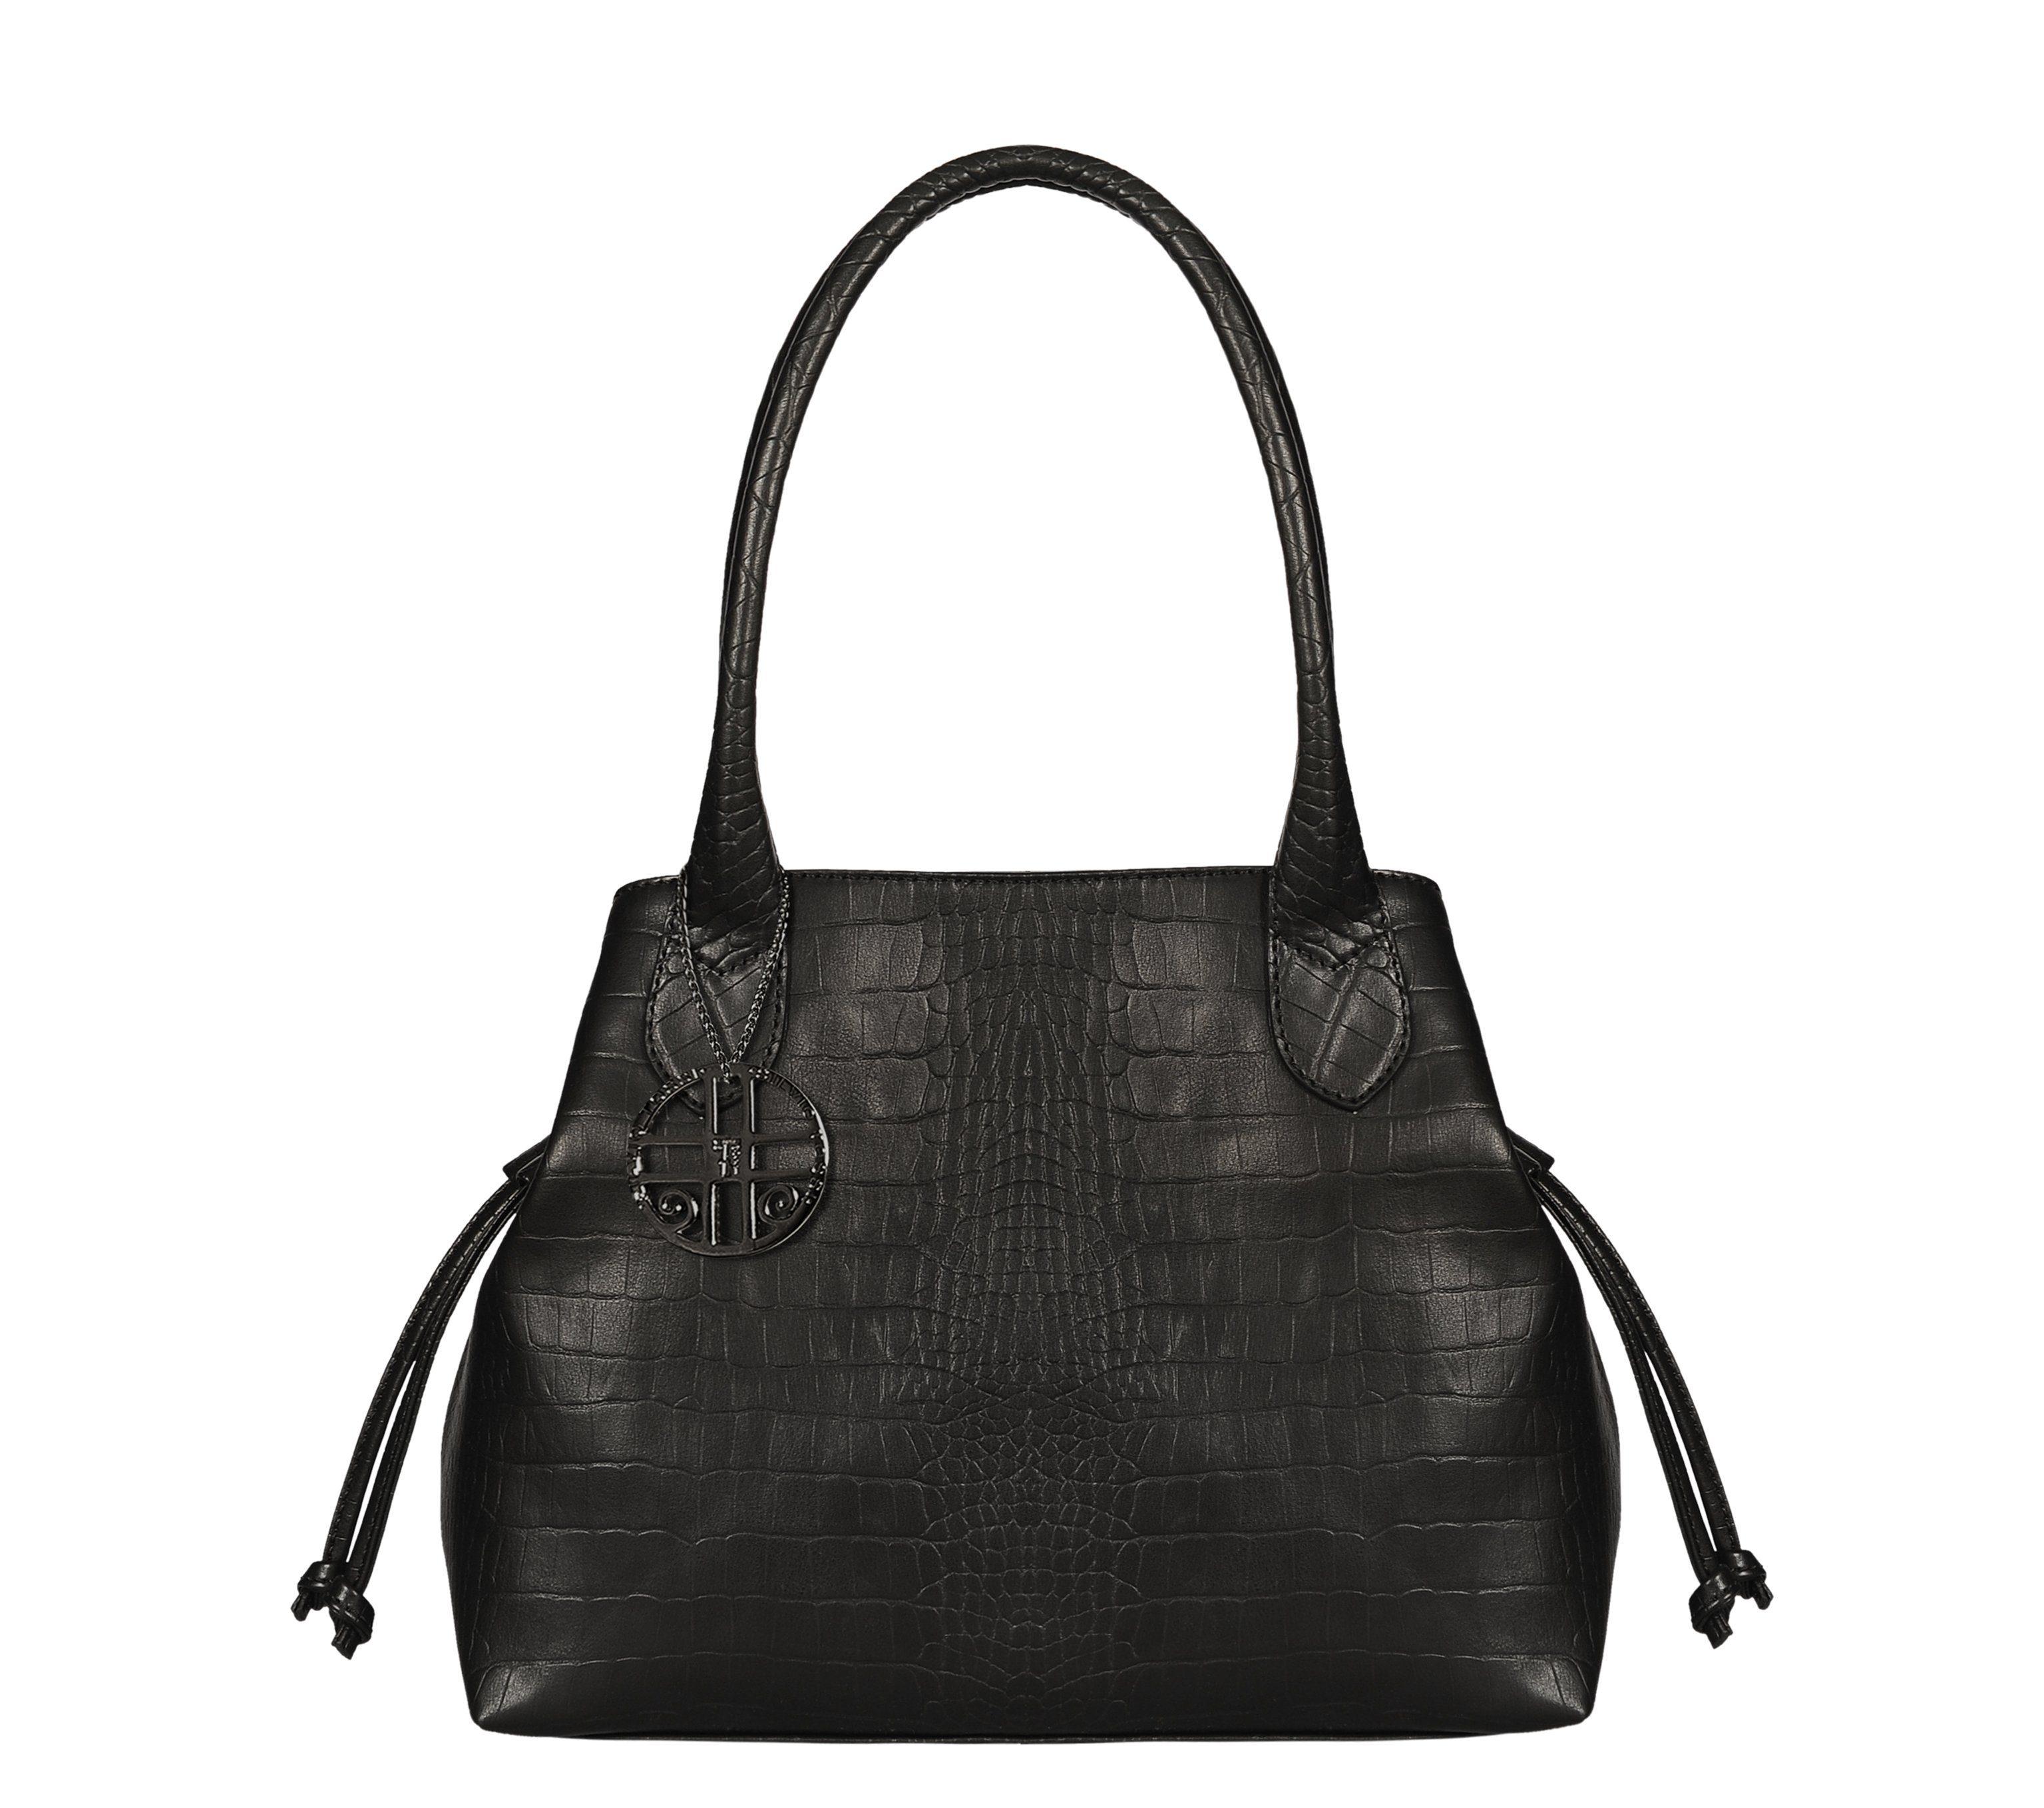 Silvio Tossi Handtasche im Krokodil-Design